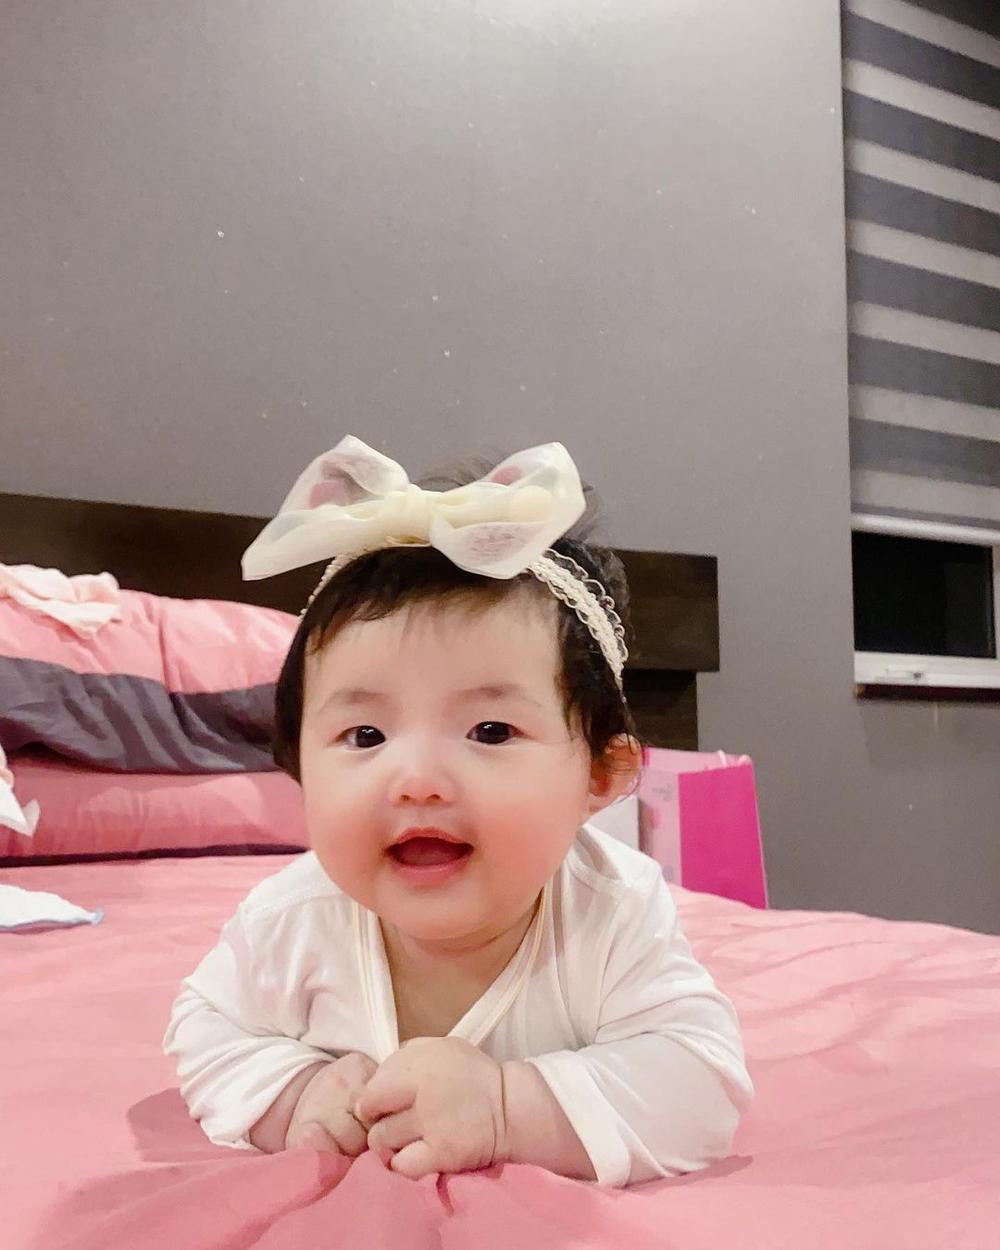 Đông Nhi tiết lộ bé Winnie thay đổi đáng kể chỉ sau 2 tháng, phản ứng cưng xỉu khi nghe mẹ hát Ảnh 1